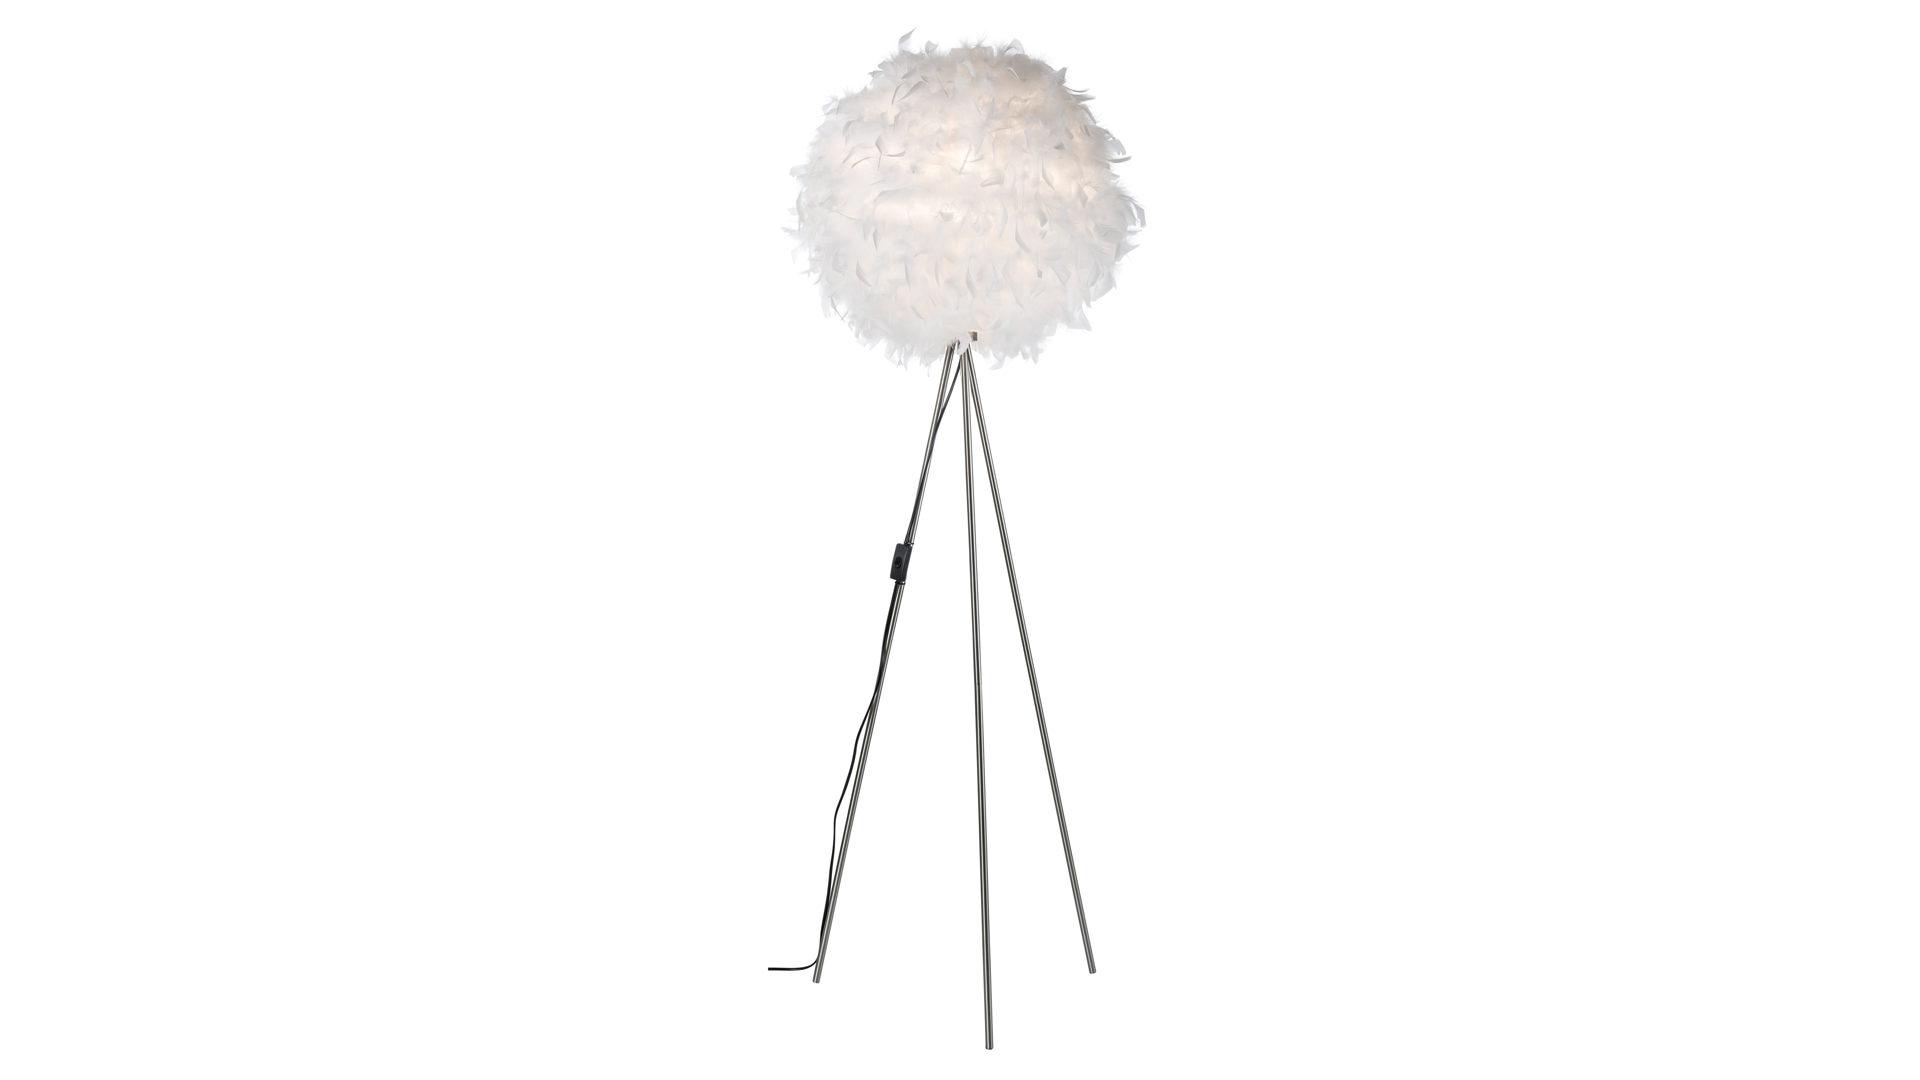 Stehleuchte Ducky, Papierkugeln mit weißen Federn – Höhe ca. 150 cm ...